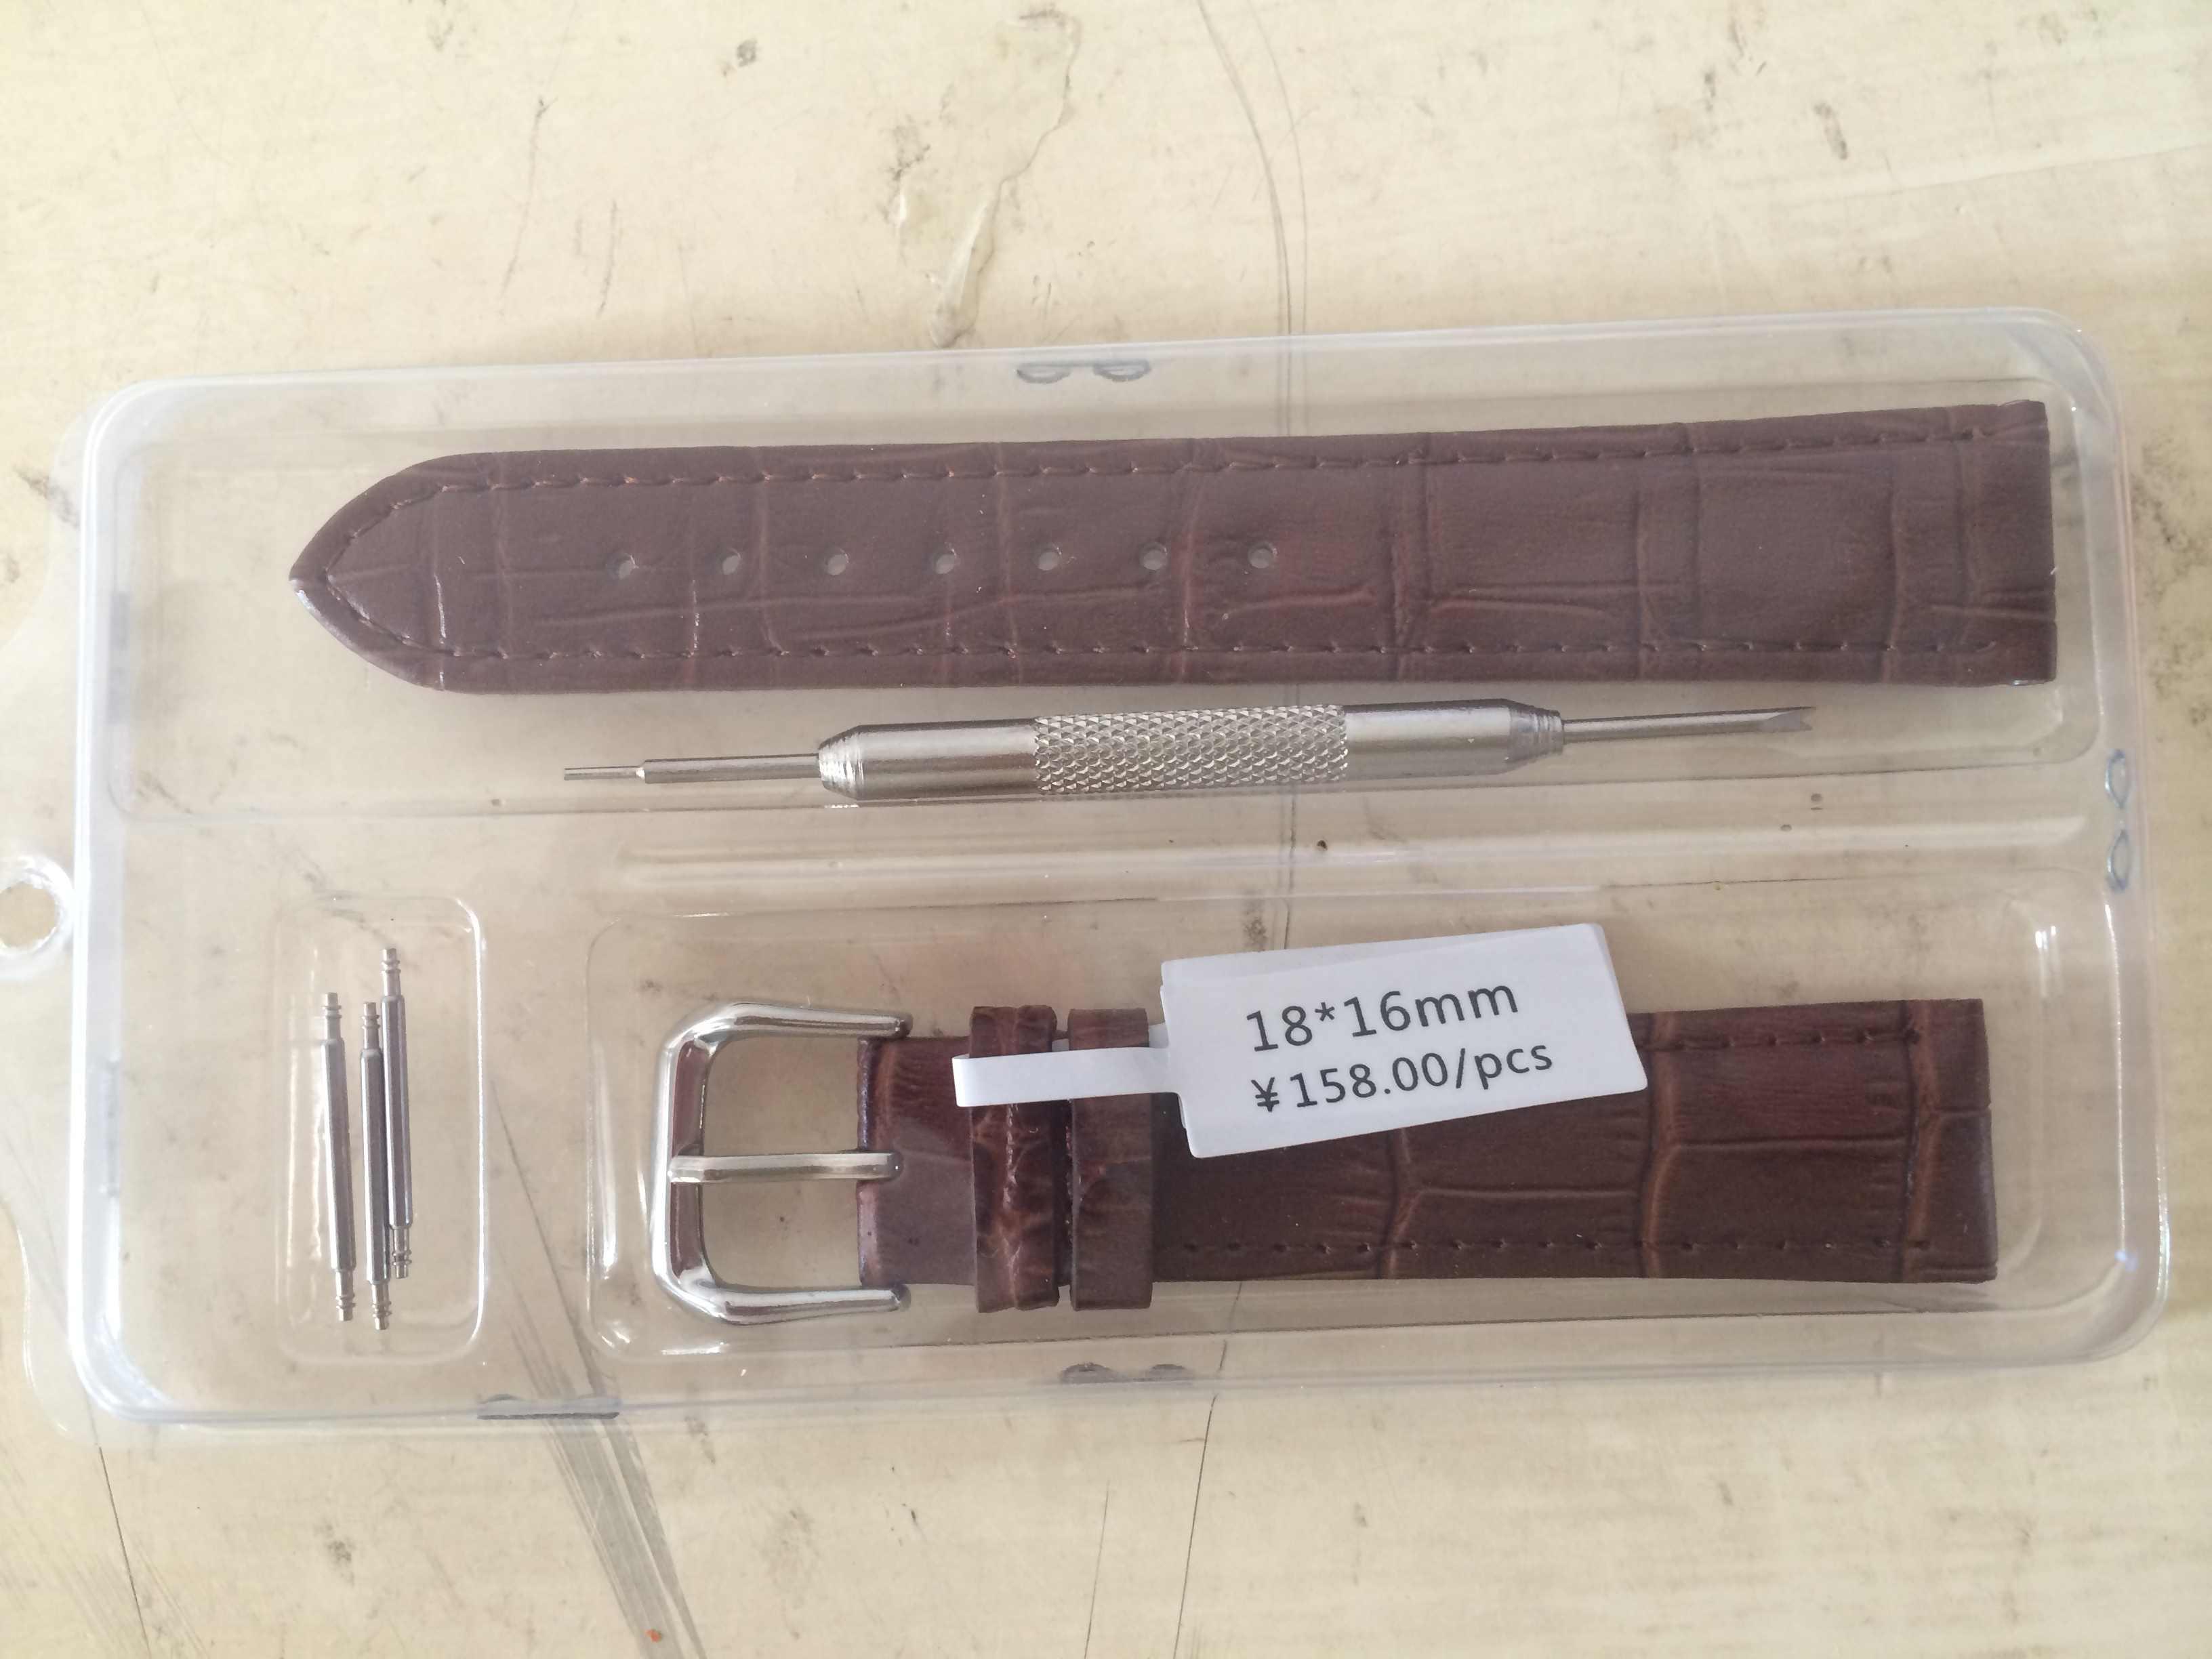 หรูหรานาฬิกาสายคล้องคอนาฬิกาข้อมือหญิงสีแดงสีขาวสีดำของแท้ leather10 12 14 15 16 17 18 19 20 21 22 24 mmwatchband